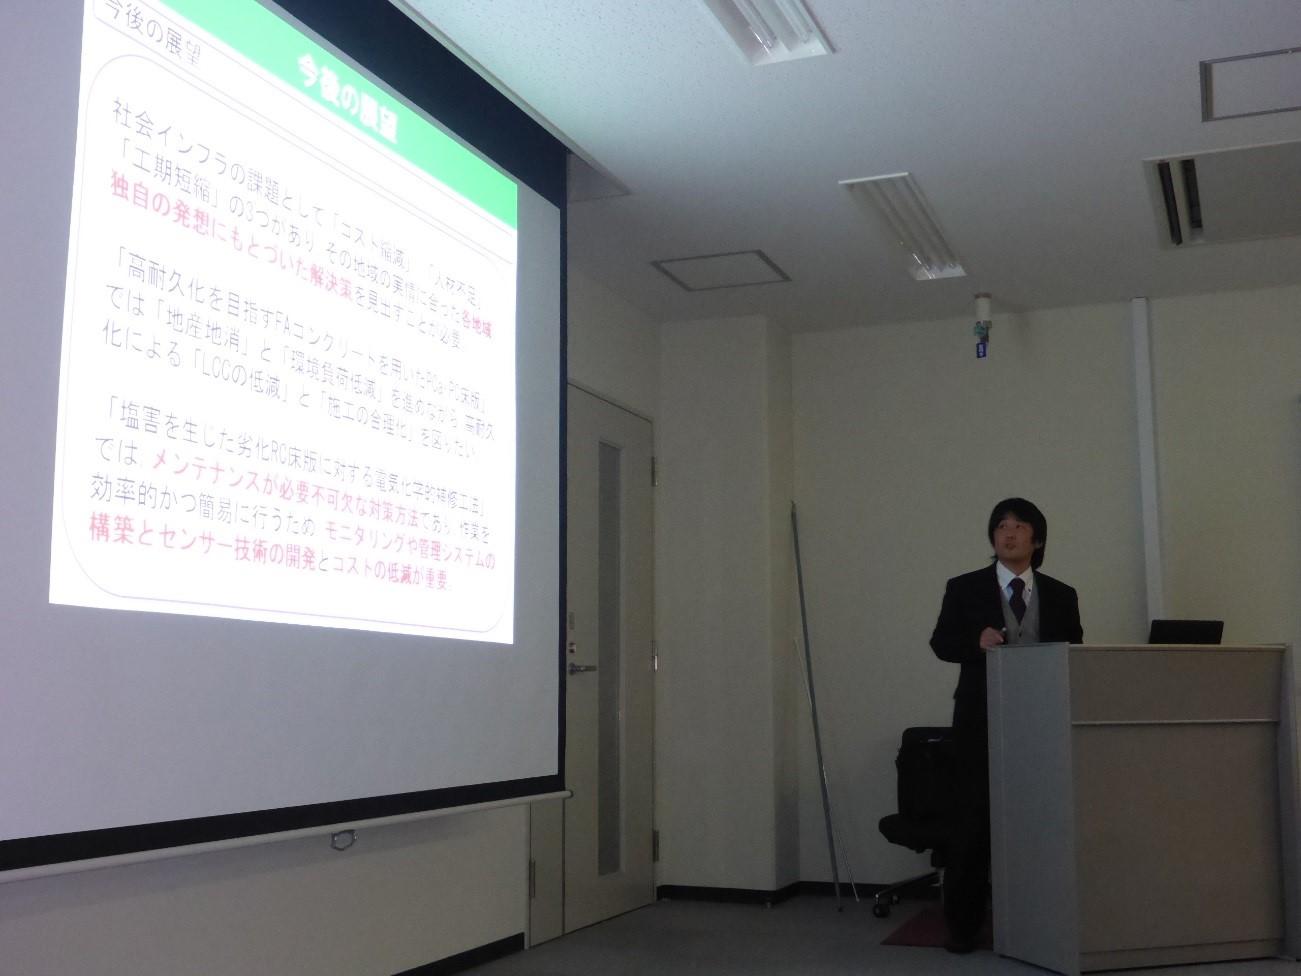 金沢大学大学院博士課程にて学位論文の公聴会を開催しました。